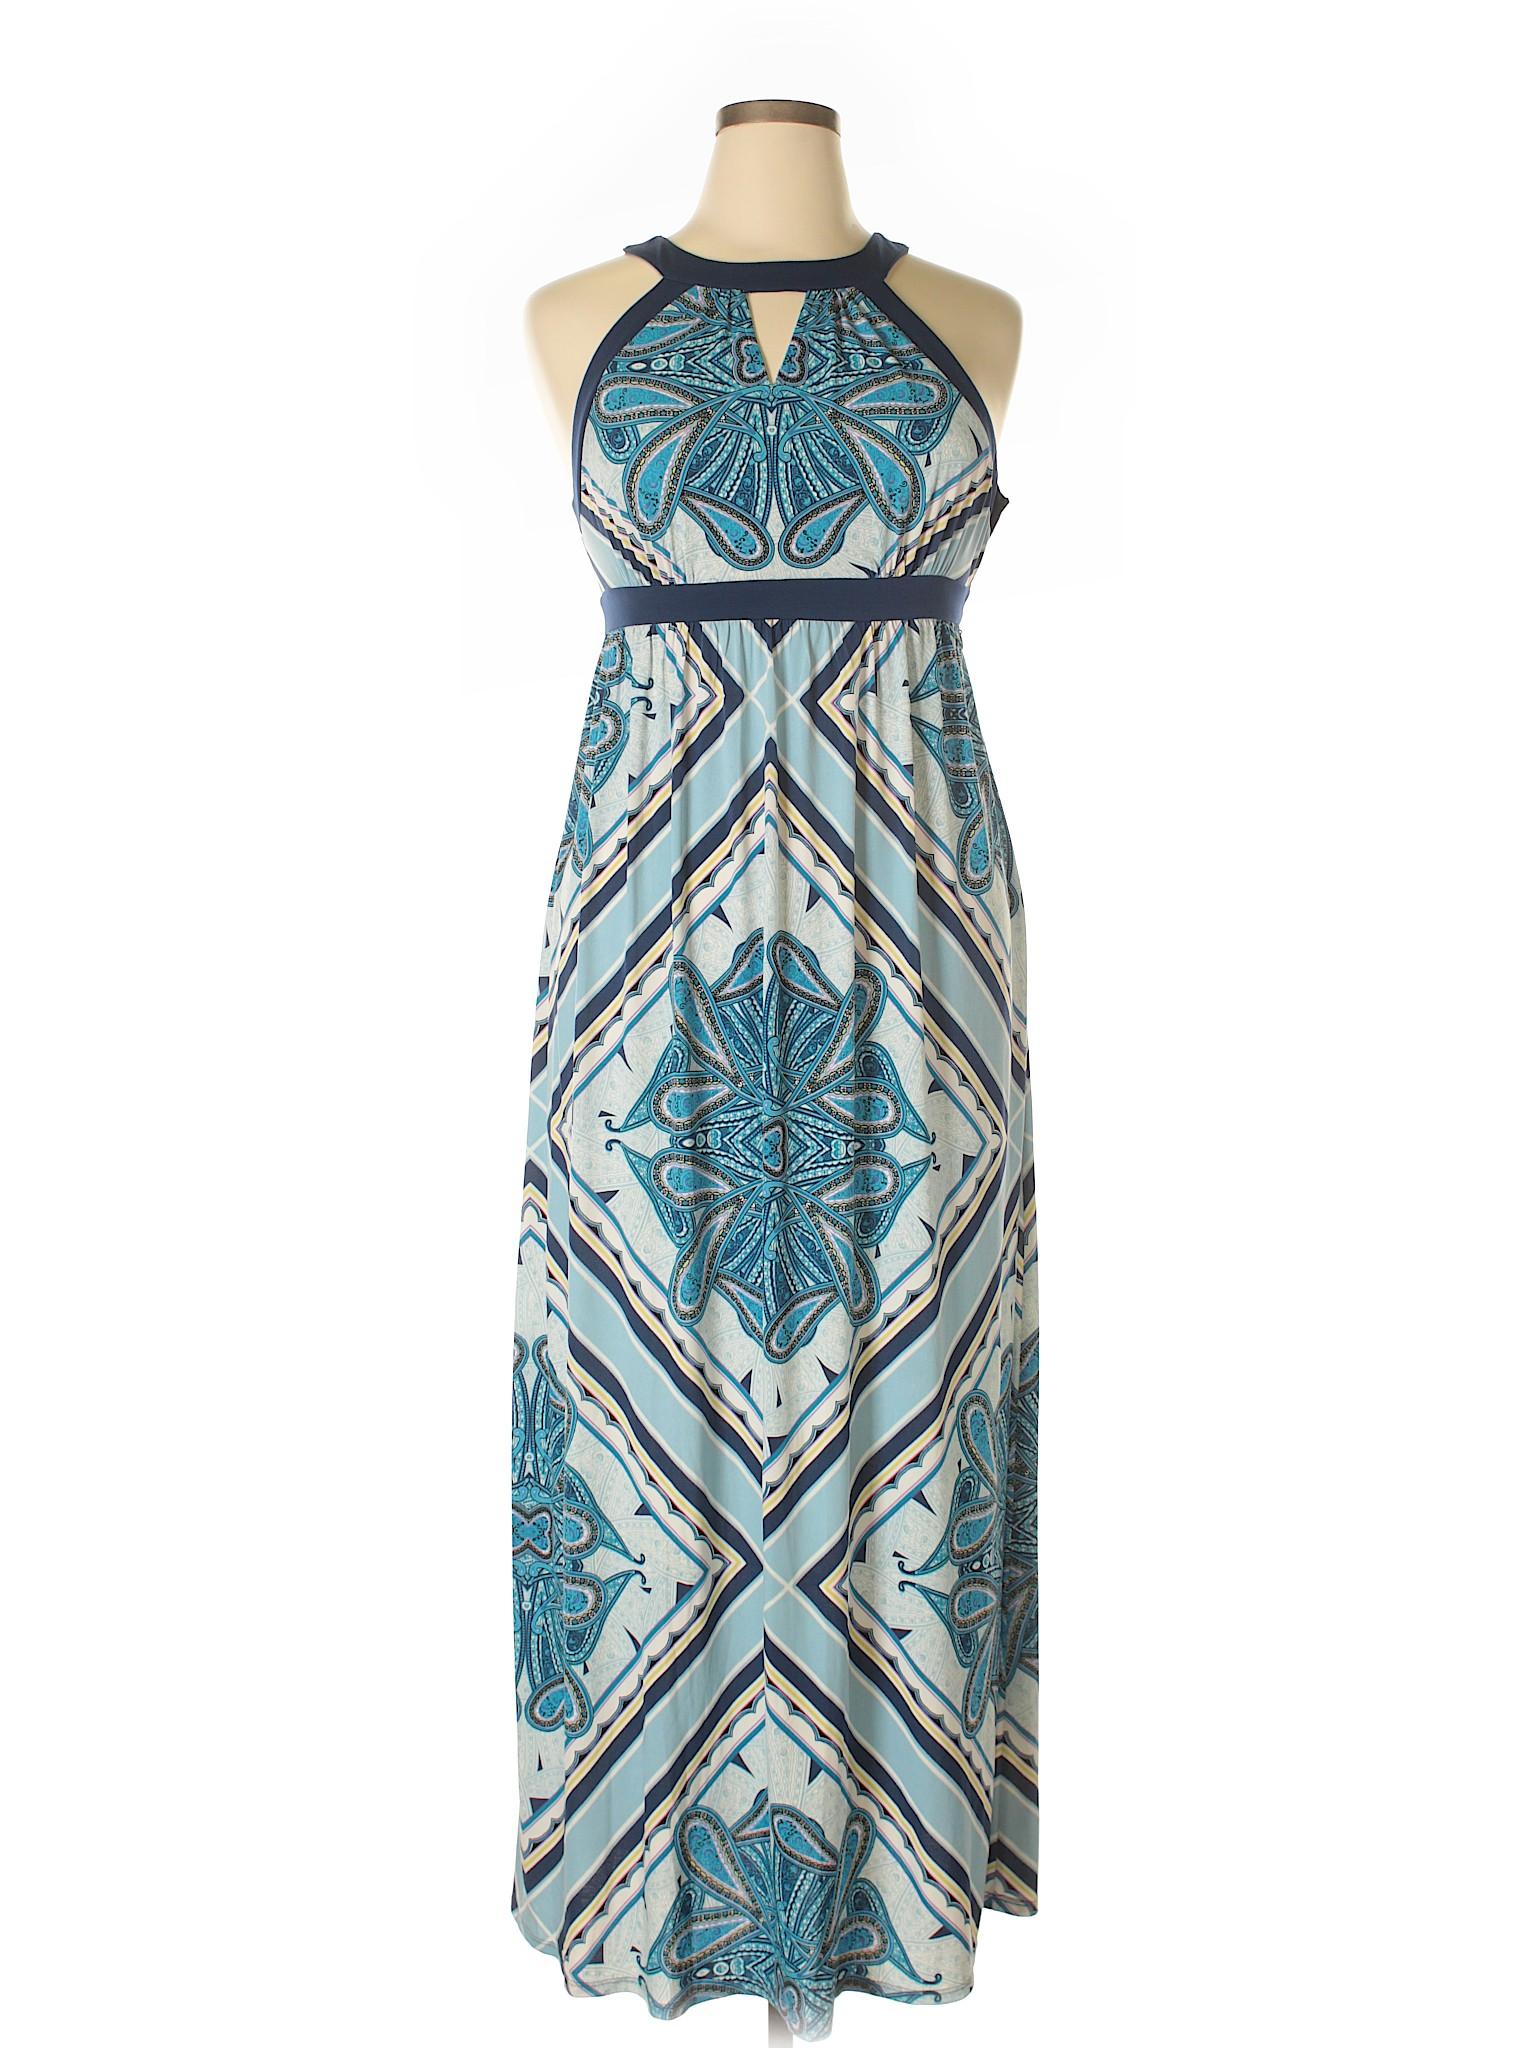 Elle Boutique winter Elle Dress Casual Dress winter Boutique Dress Casual Boutique winter Elle Casual Boutique wxx7q8